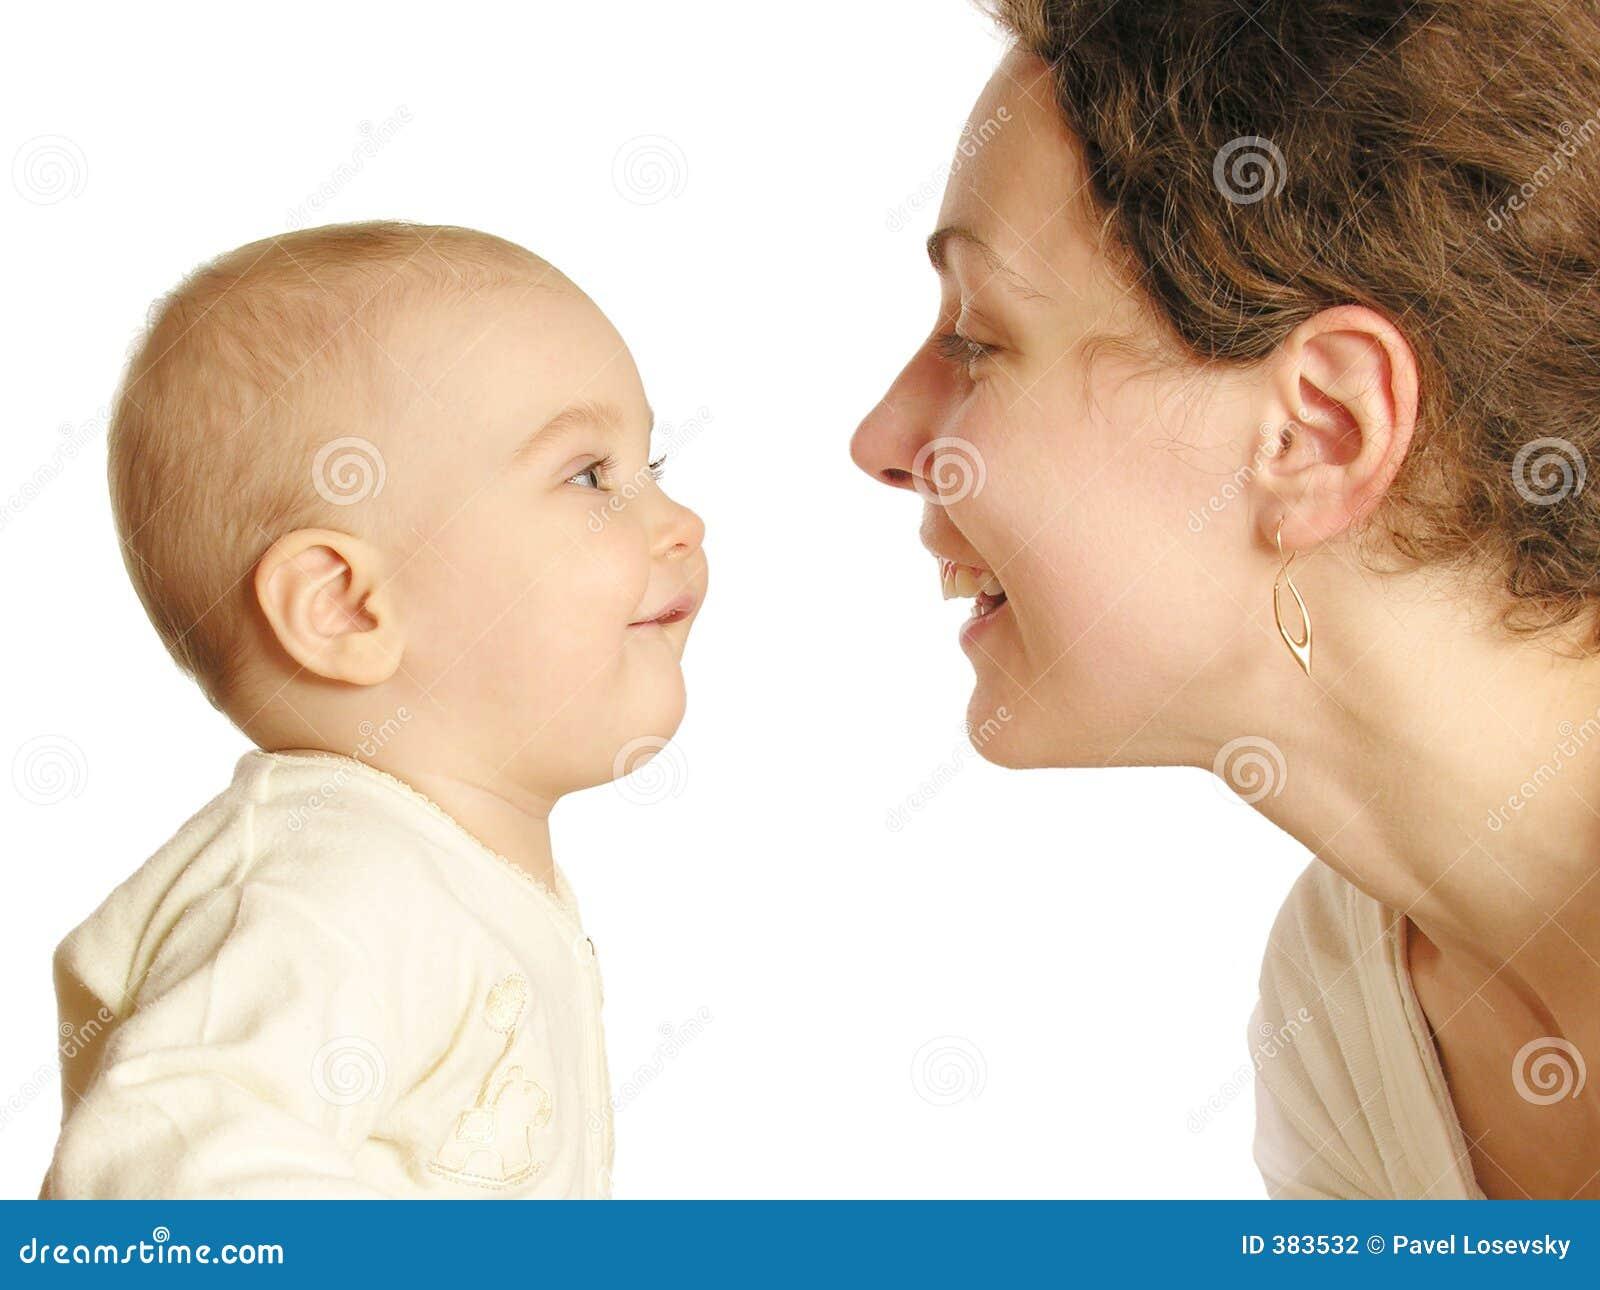 Русская мама учит сына как правильно заниматься любовь 1 фотография